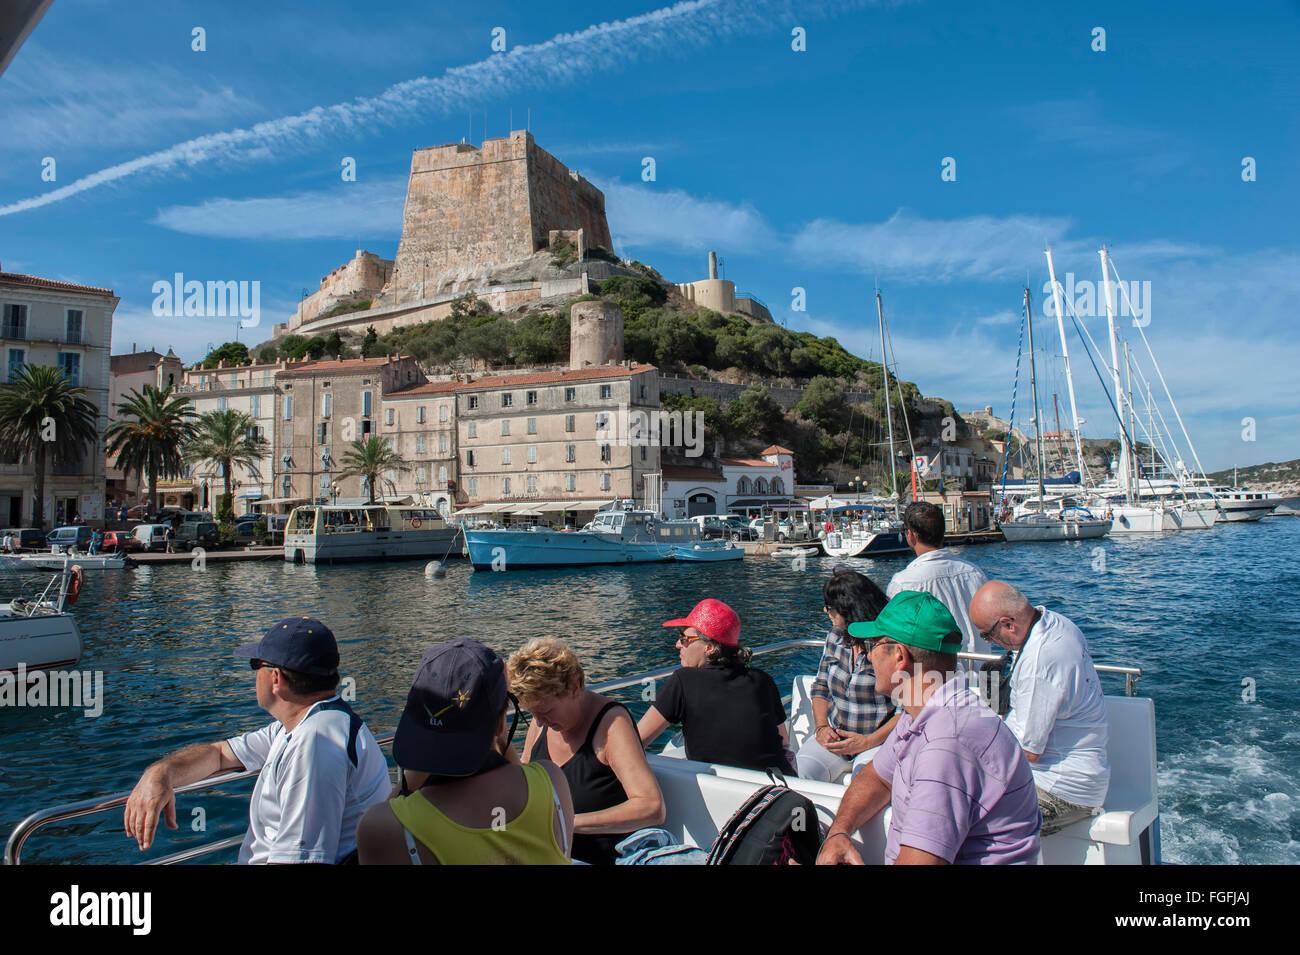 Viaje en barco alrededor de Bonifacio. La Córcega. Francia Imagen De Stock